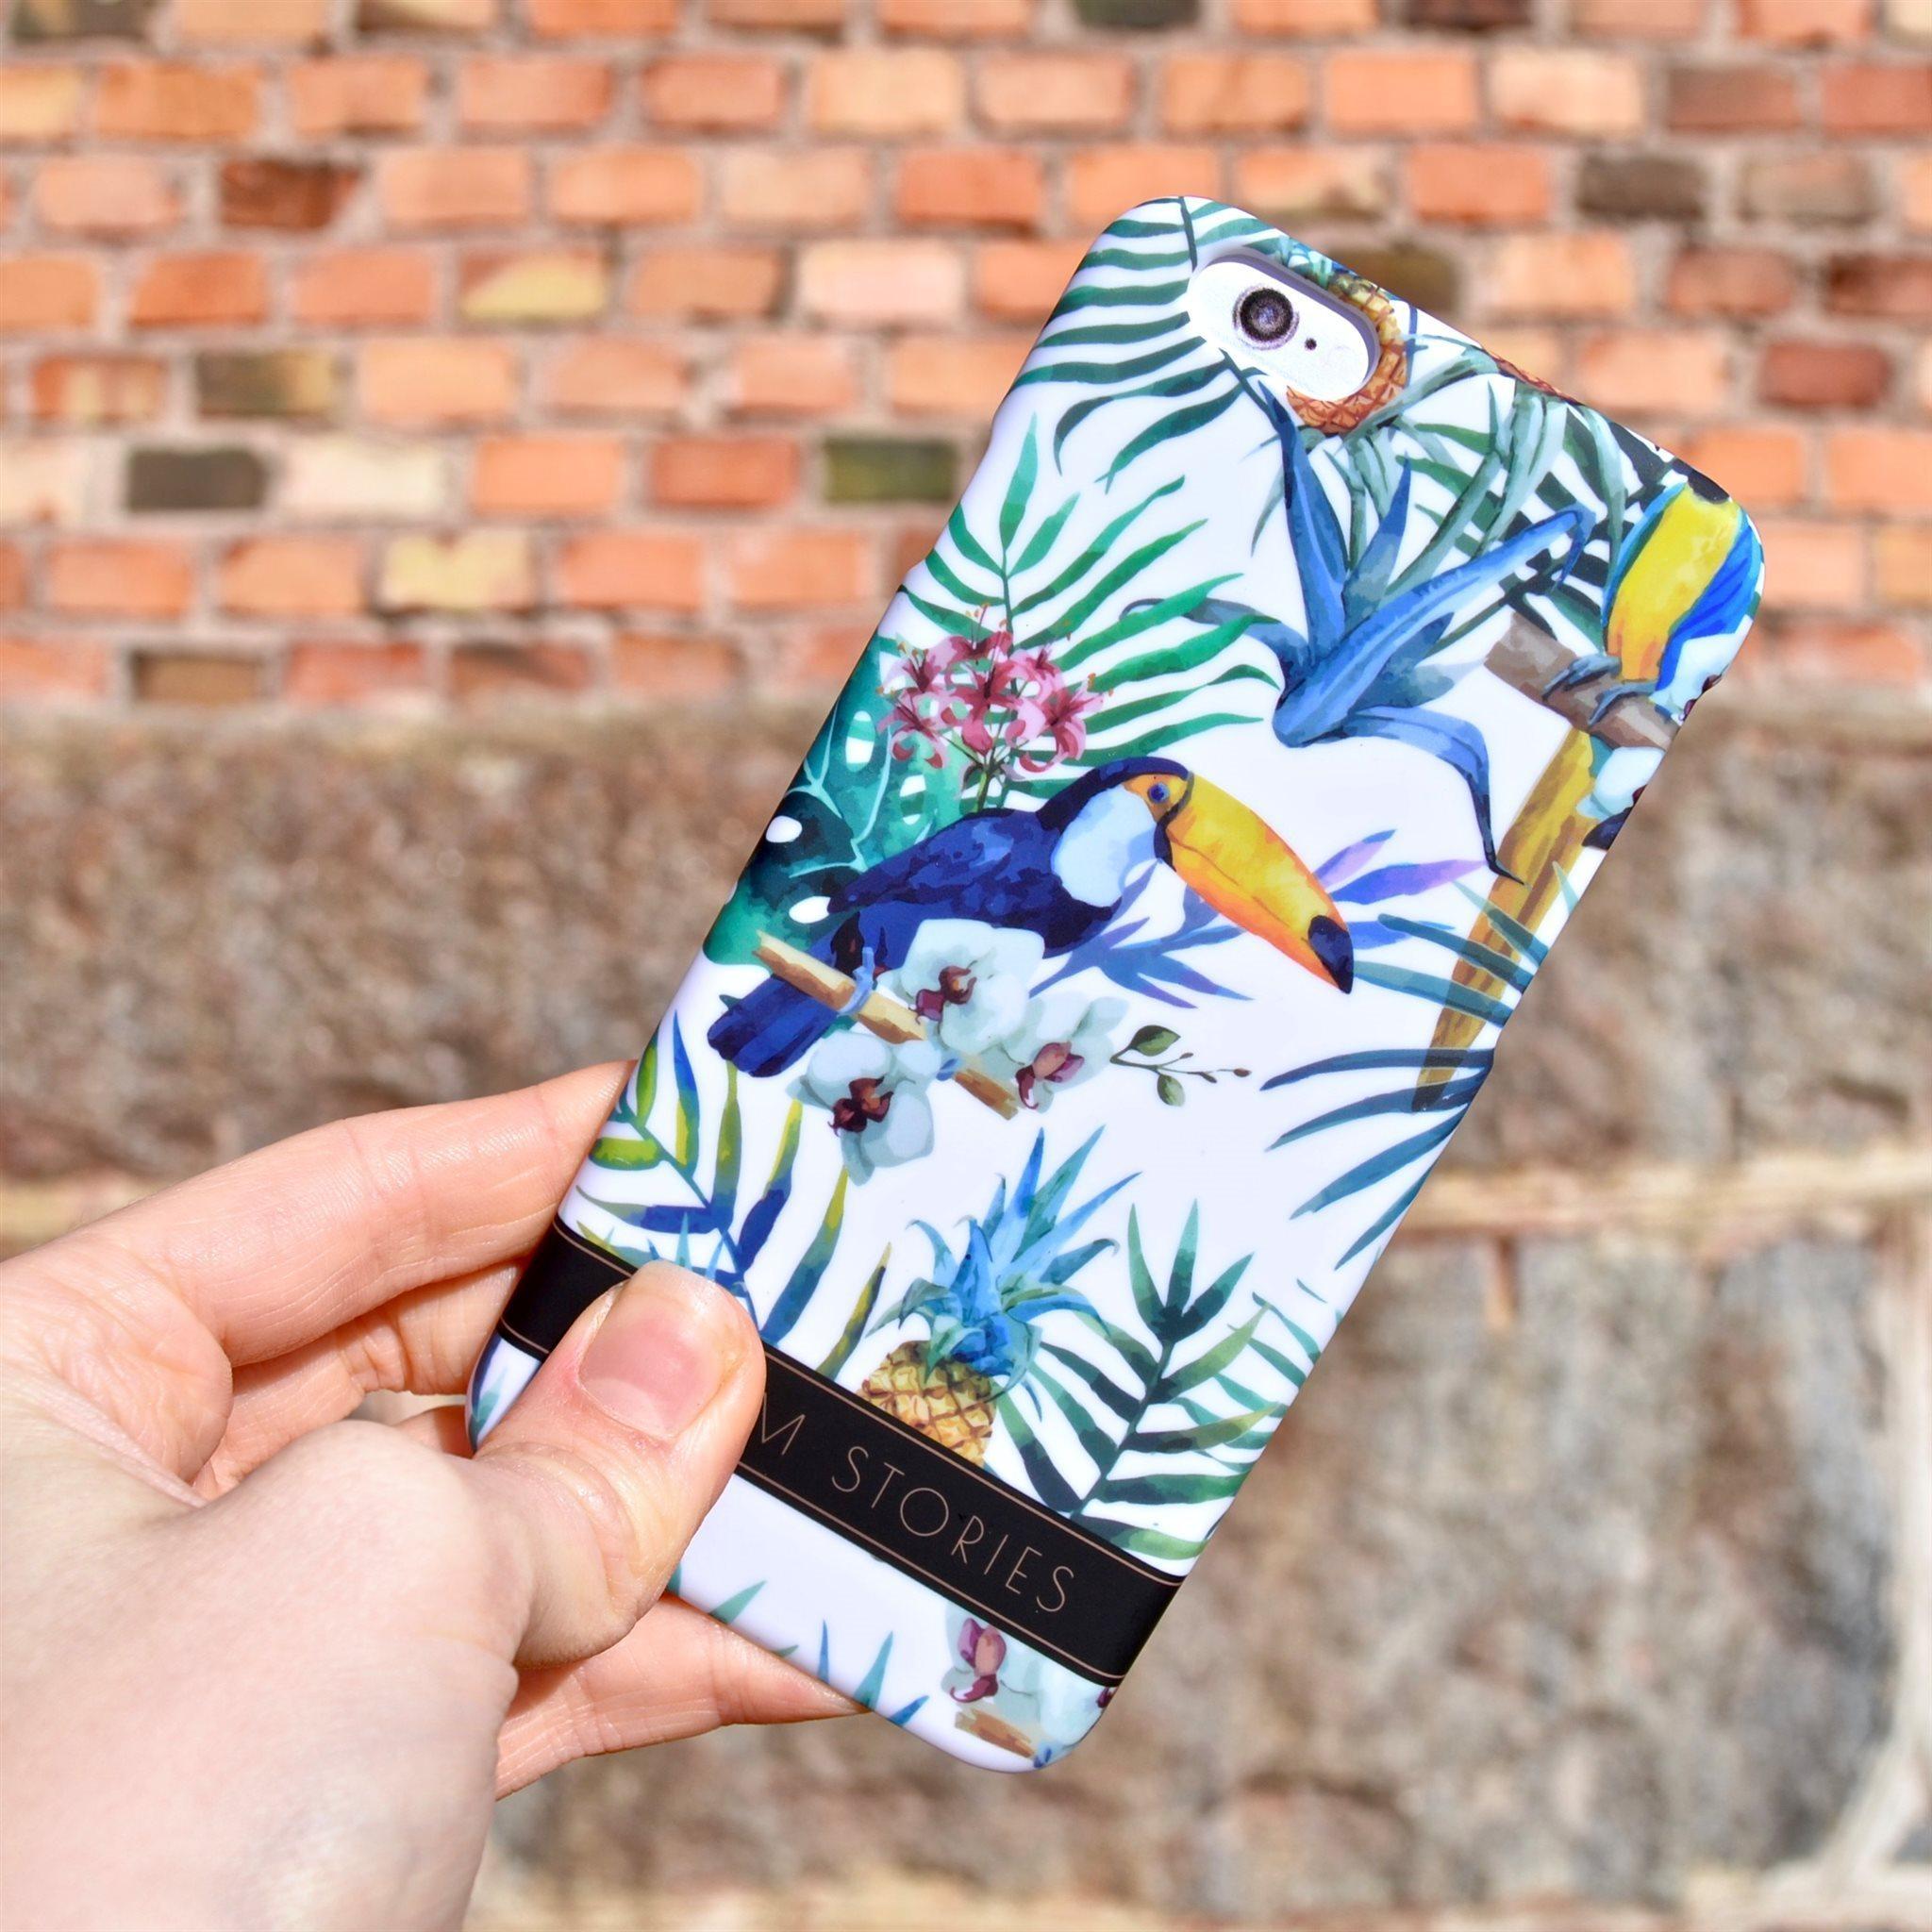 SKAL  iPhone 7 8. Fri frakt! (336074257) ᐈ Köp på Tradera 996c3c0be9987